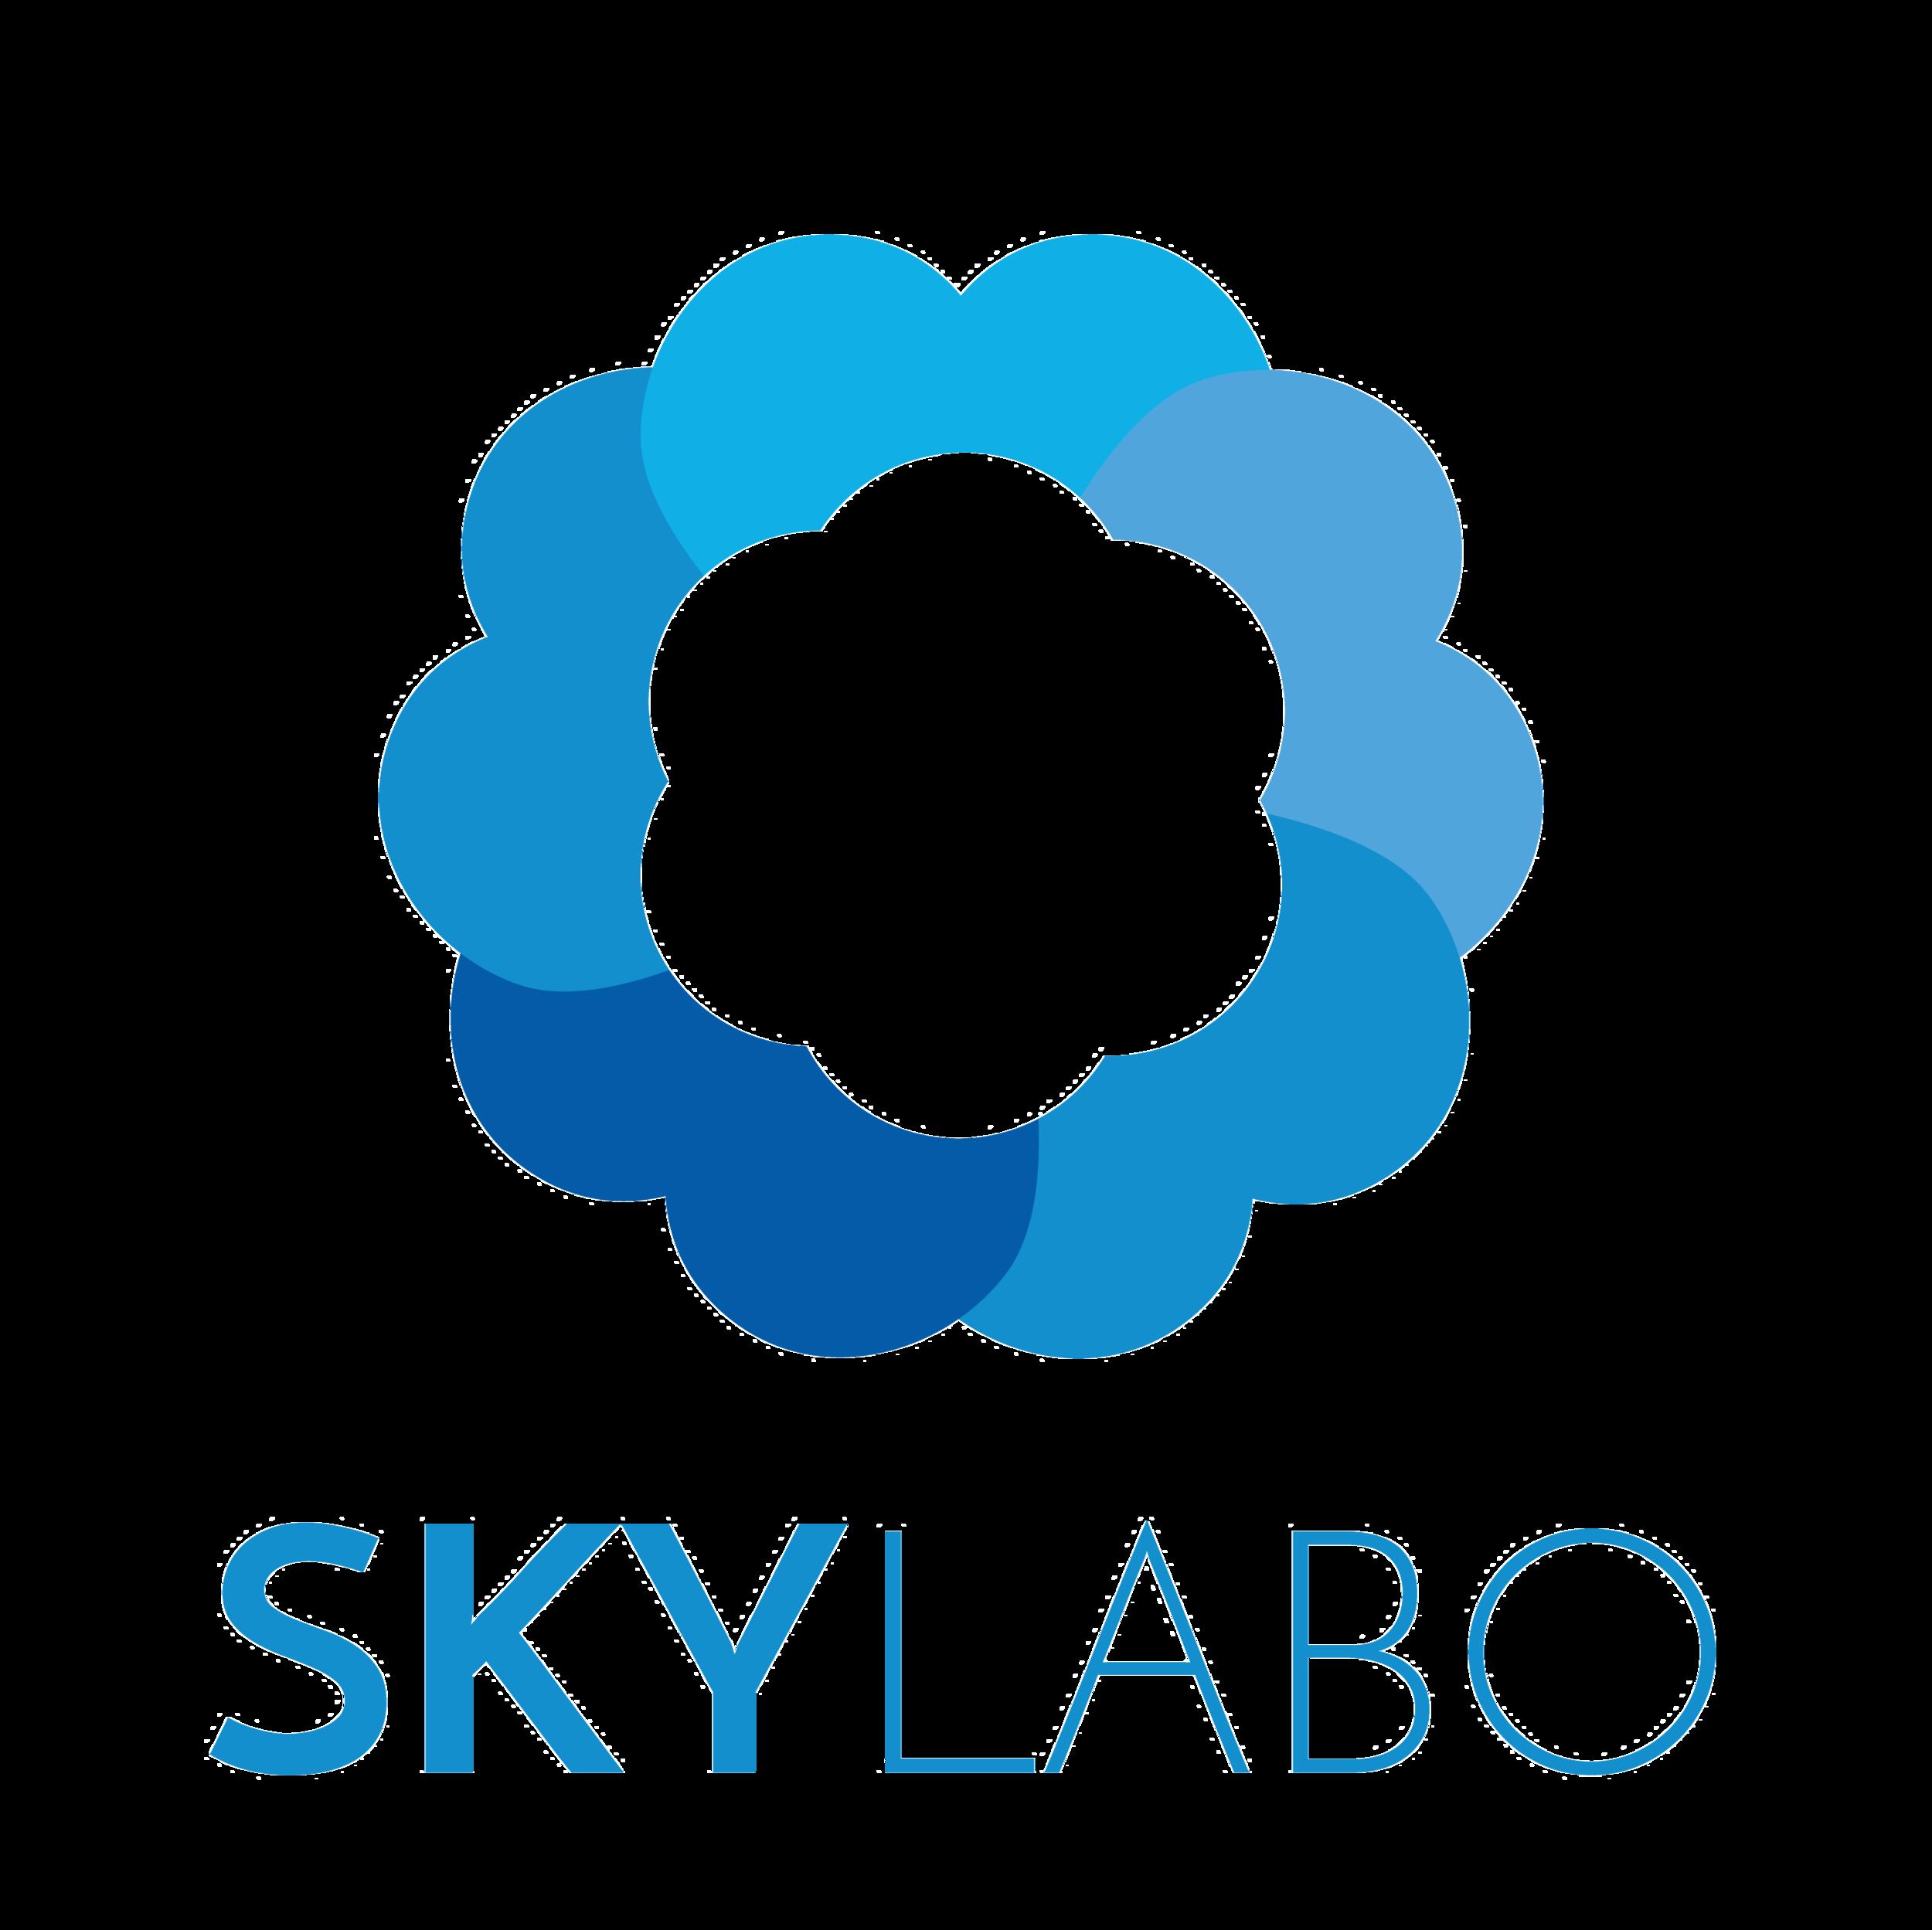 logo2_no_bg.png